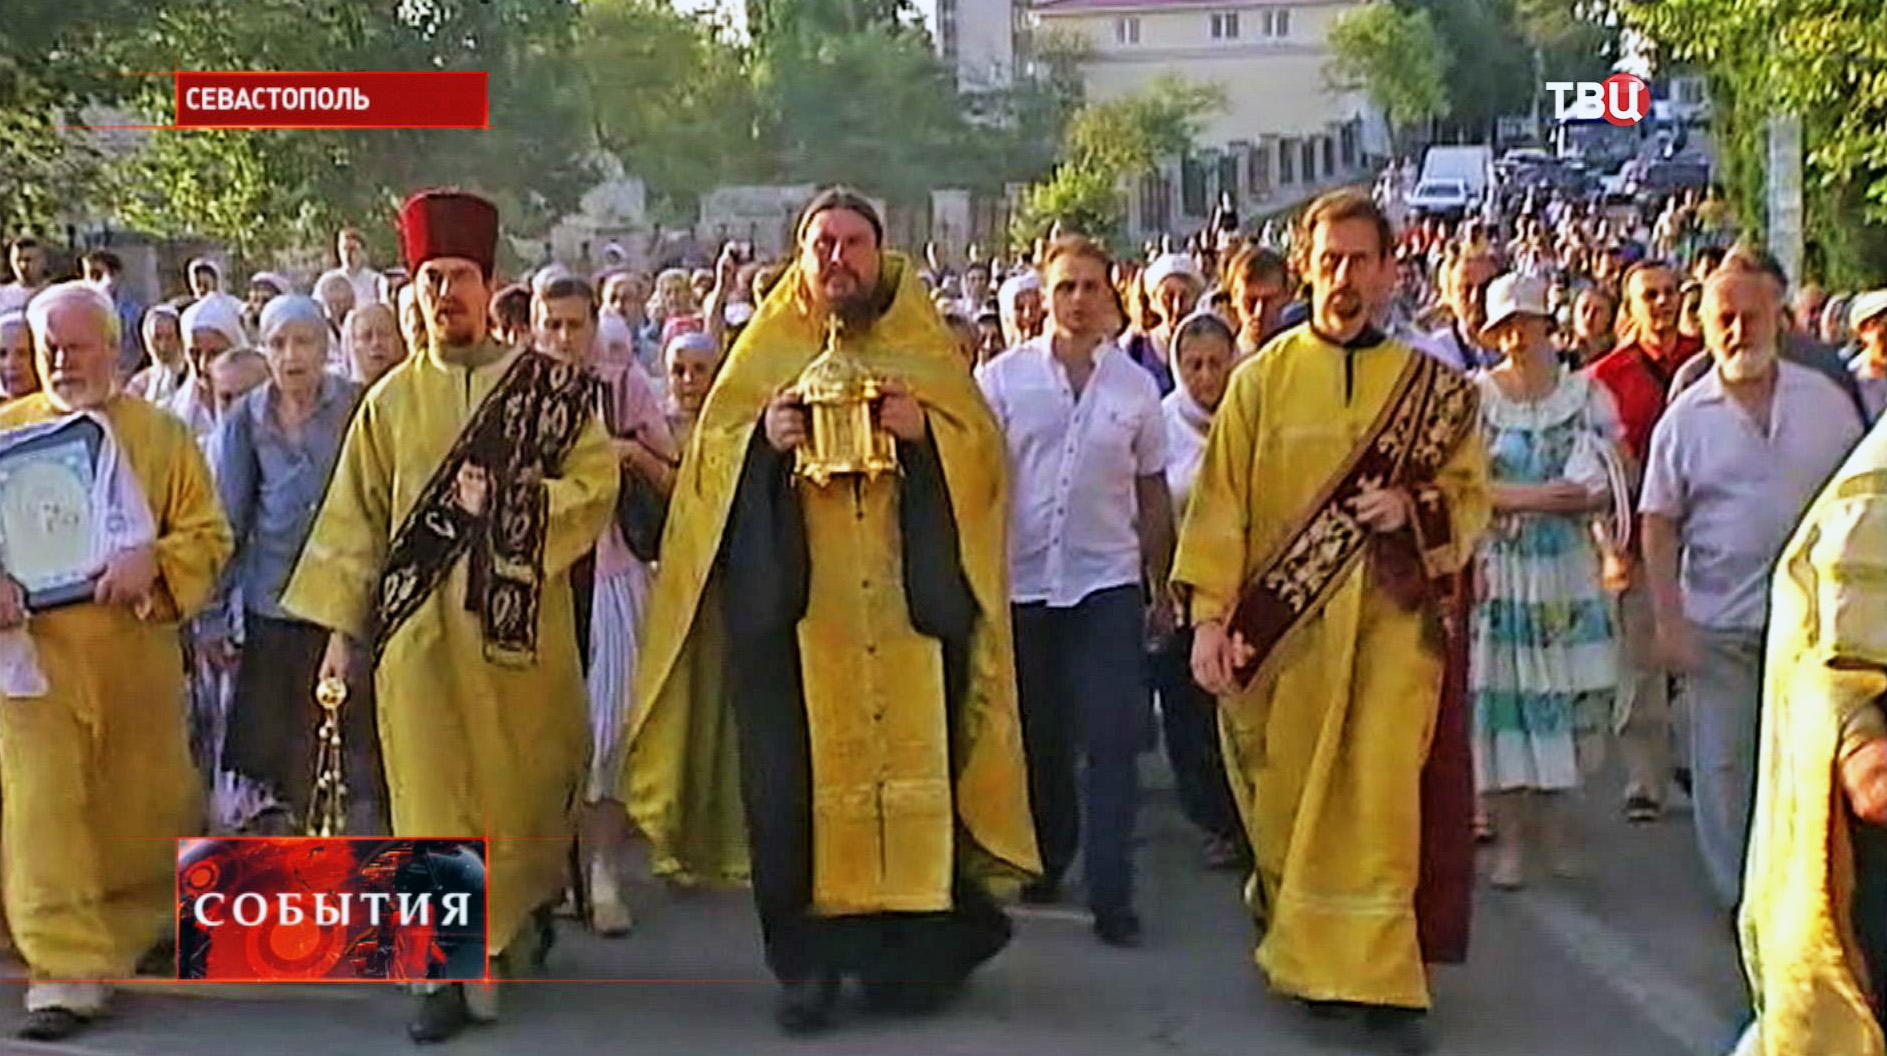 Крестный ход в Севастополе